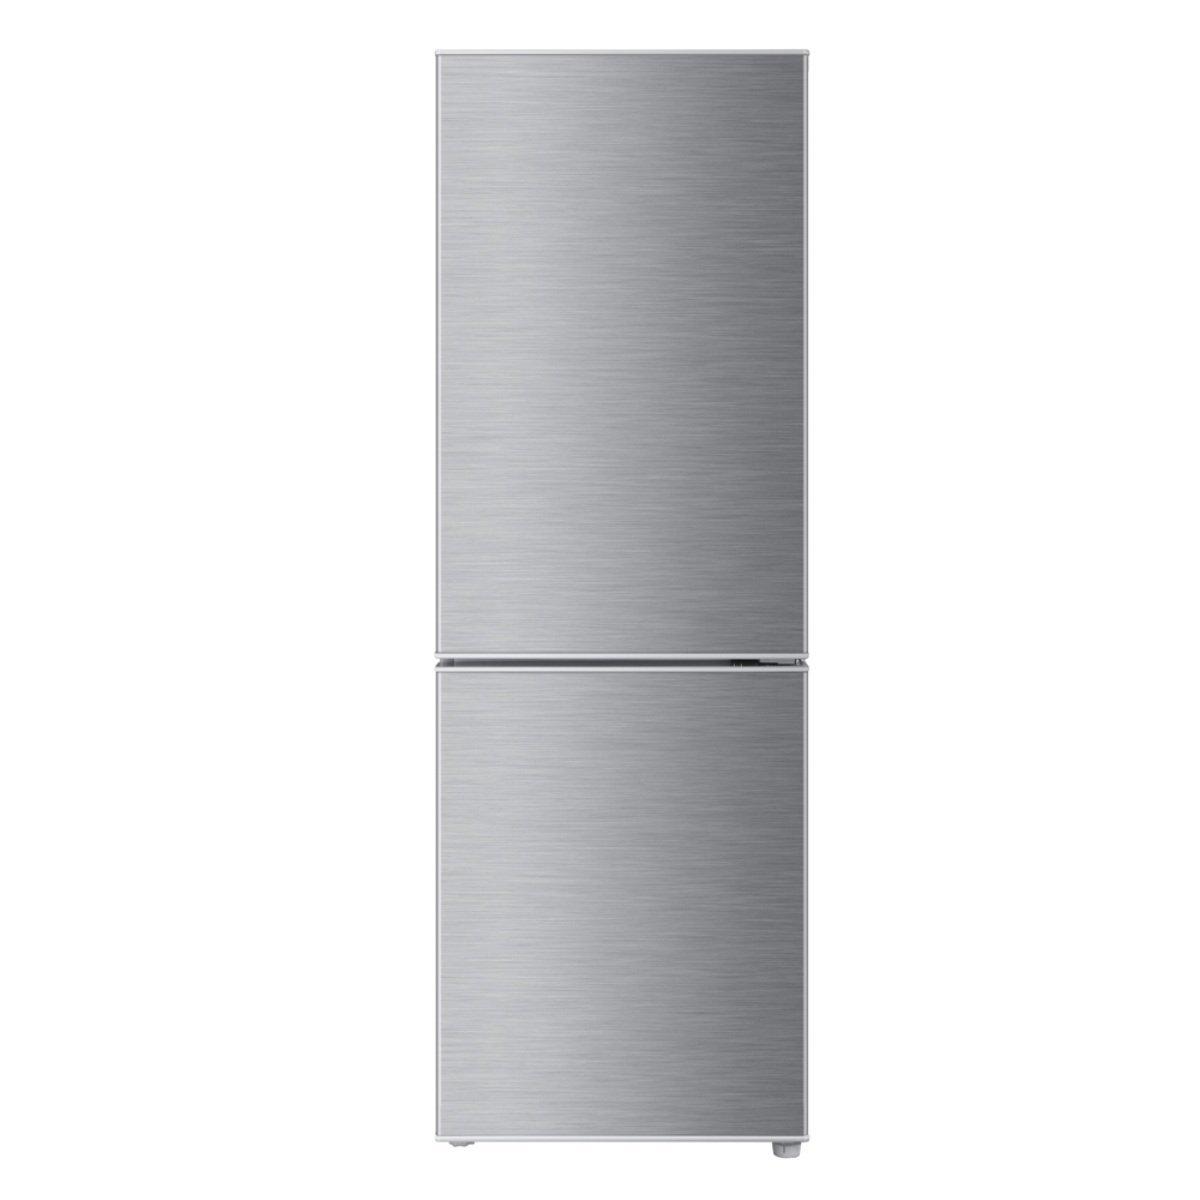 Haier Hale BCD-160TMPQ 160 lít hai cửa tủ lạnh gia dụng tiết kiệm điện tủ lạnh lạnh.